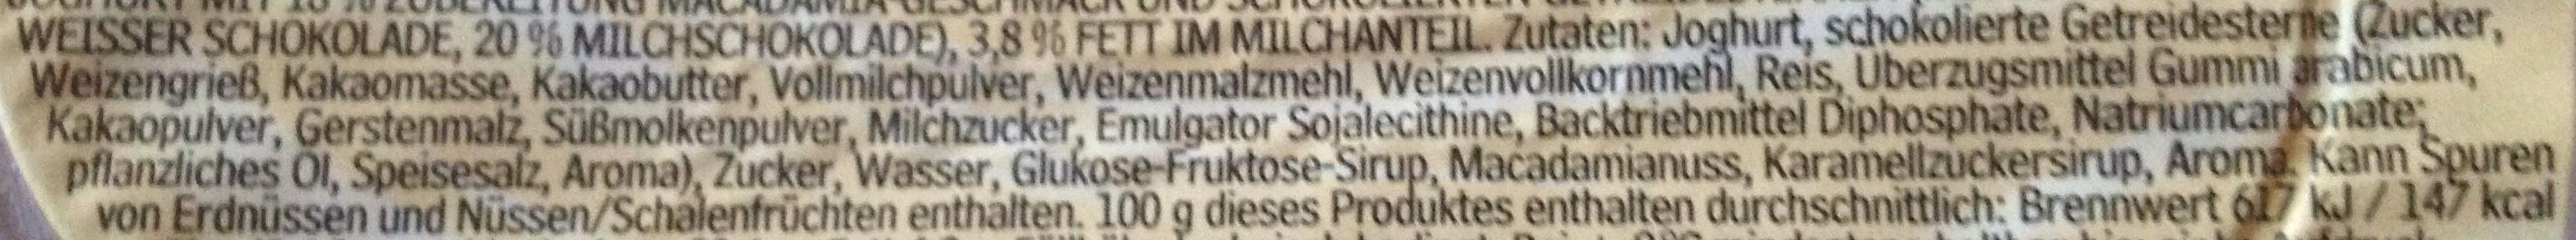 Joghurt mit der Ecke Knusper Schoko Stars - Inhaltsstoffe